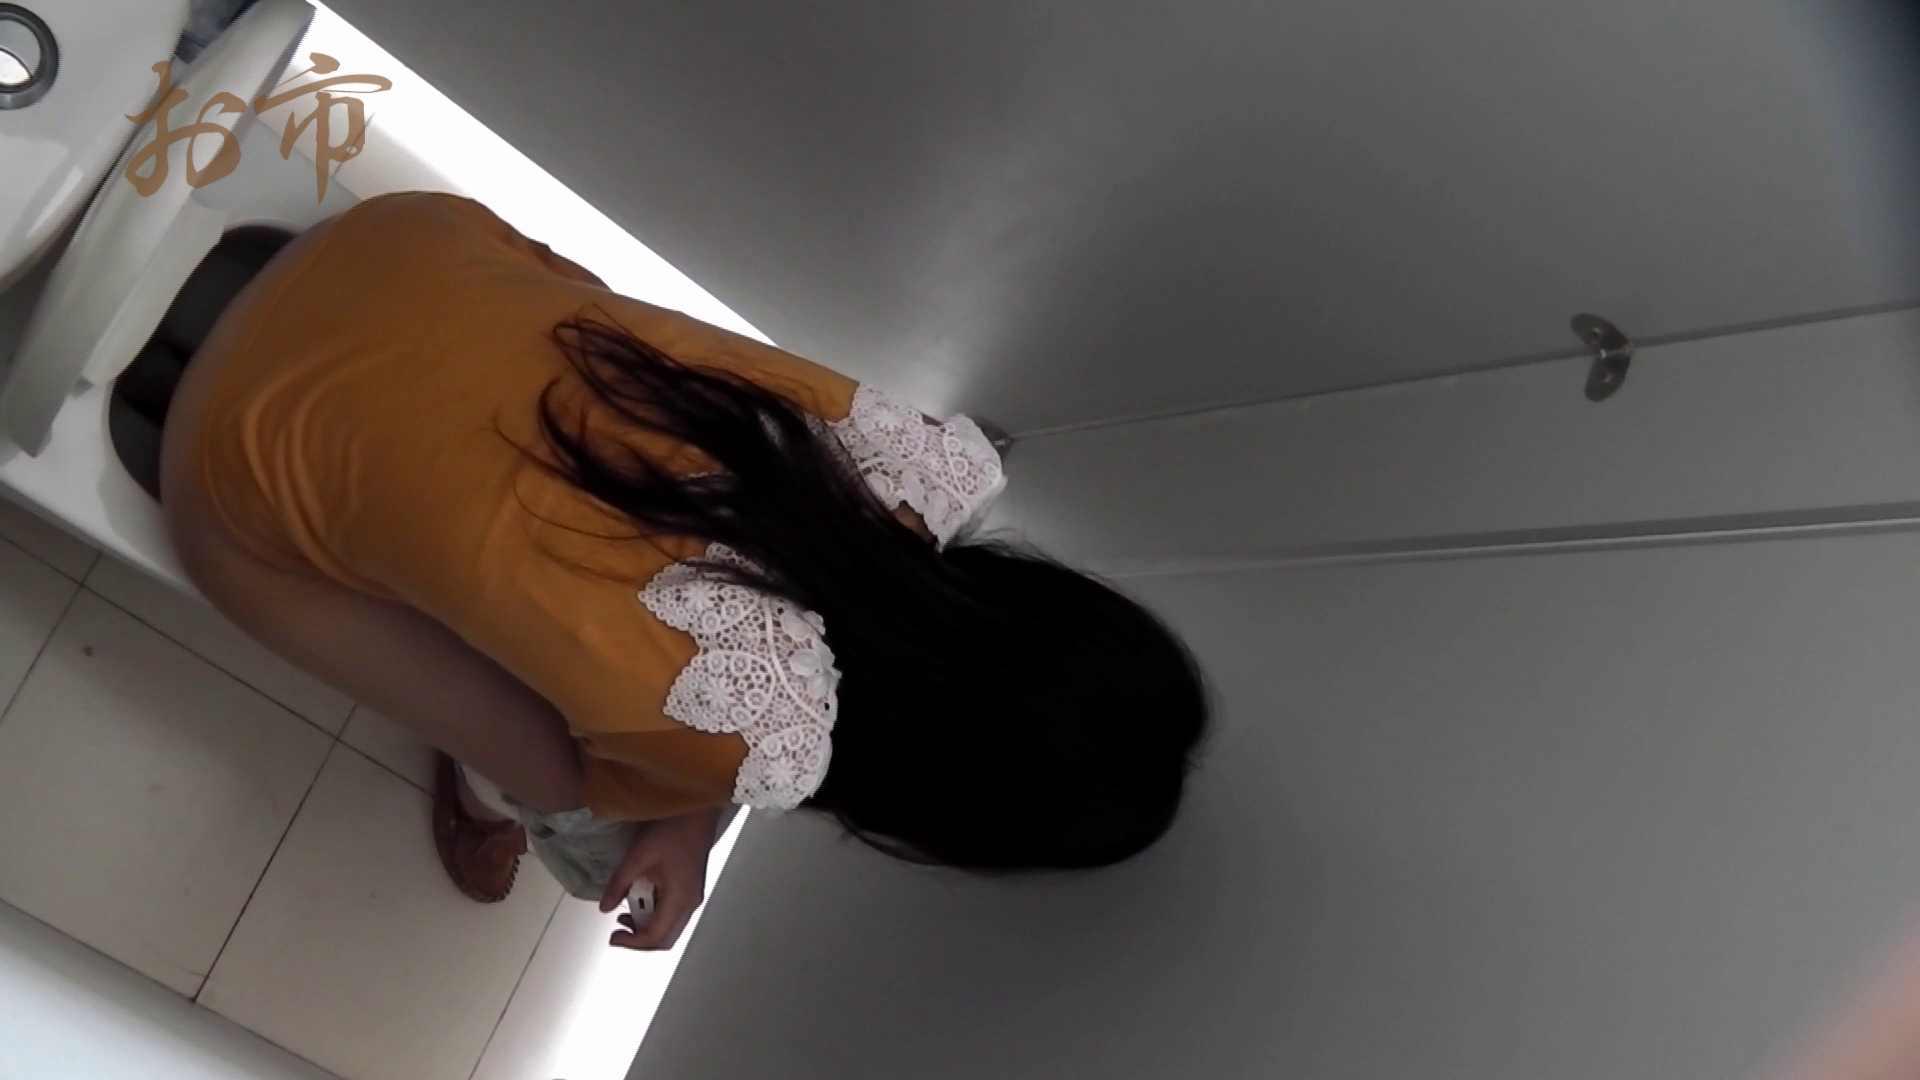 潜入!!台湾名門女学院 Vol.12 長身モデル驚き見たことないシチュエーション 盛合せ ぱこり動画紹介 80枚 21